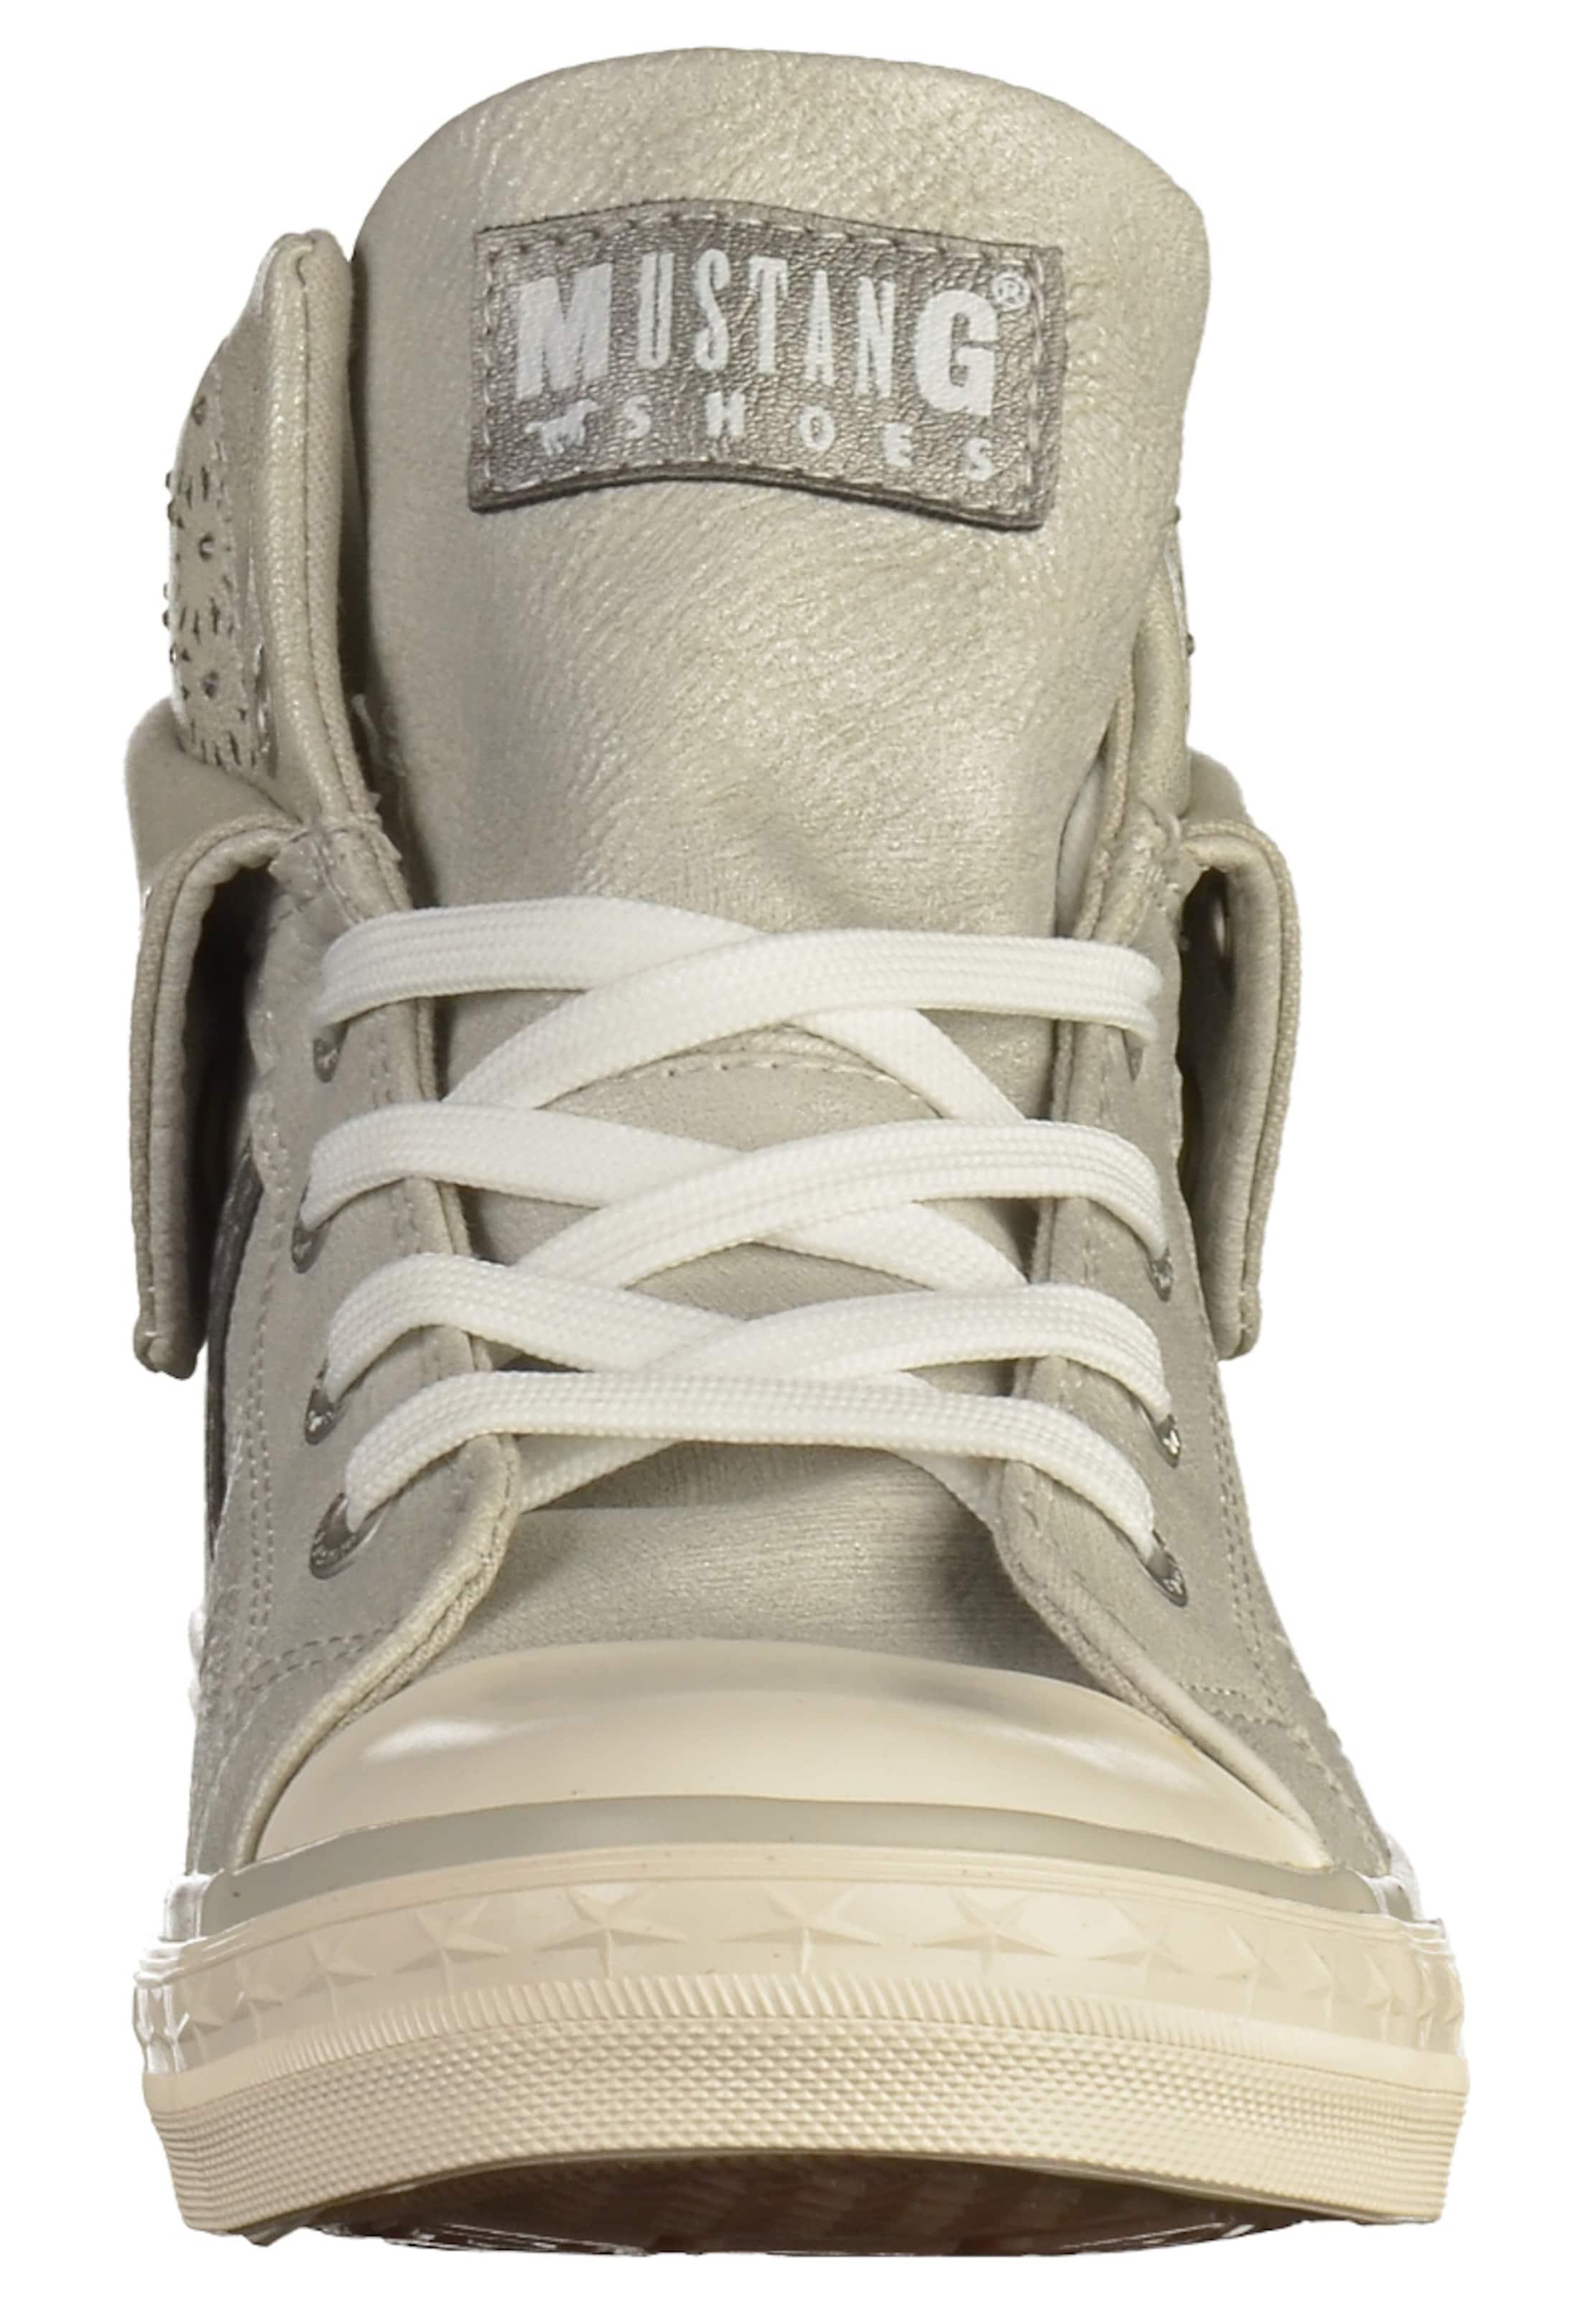 Starttermin Für Verkauf Aussicht MUSTANG Sneaker Steckdose Modische Billig Perfekt Modestil NViQH